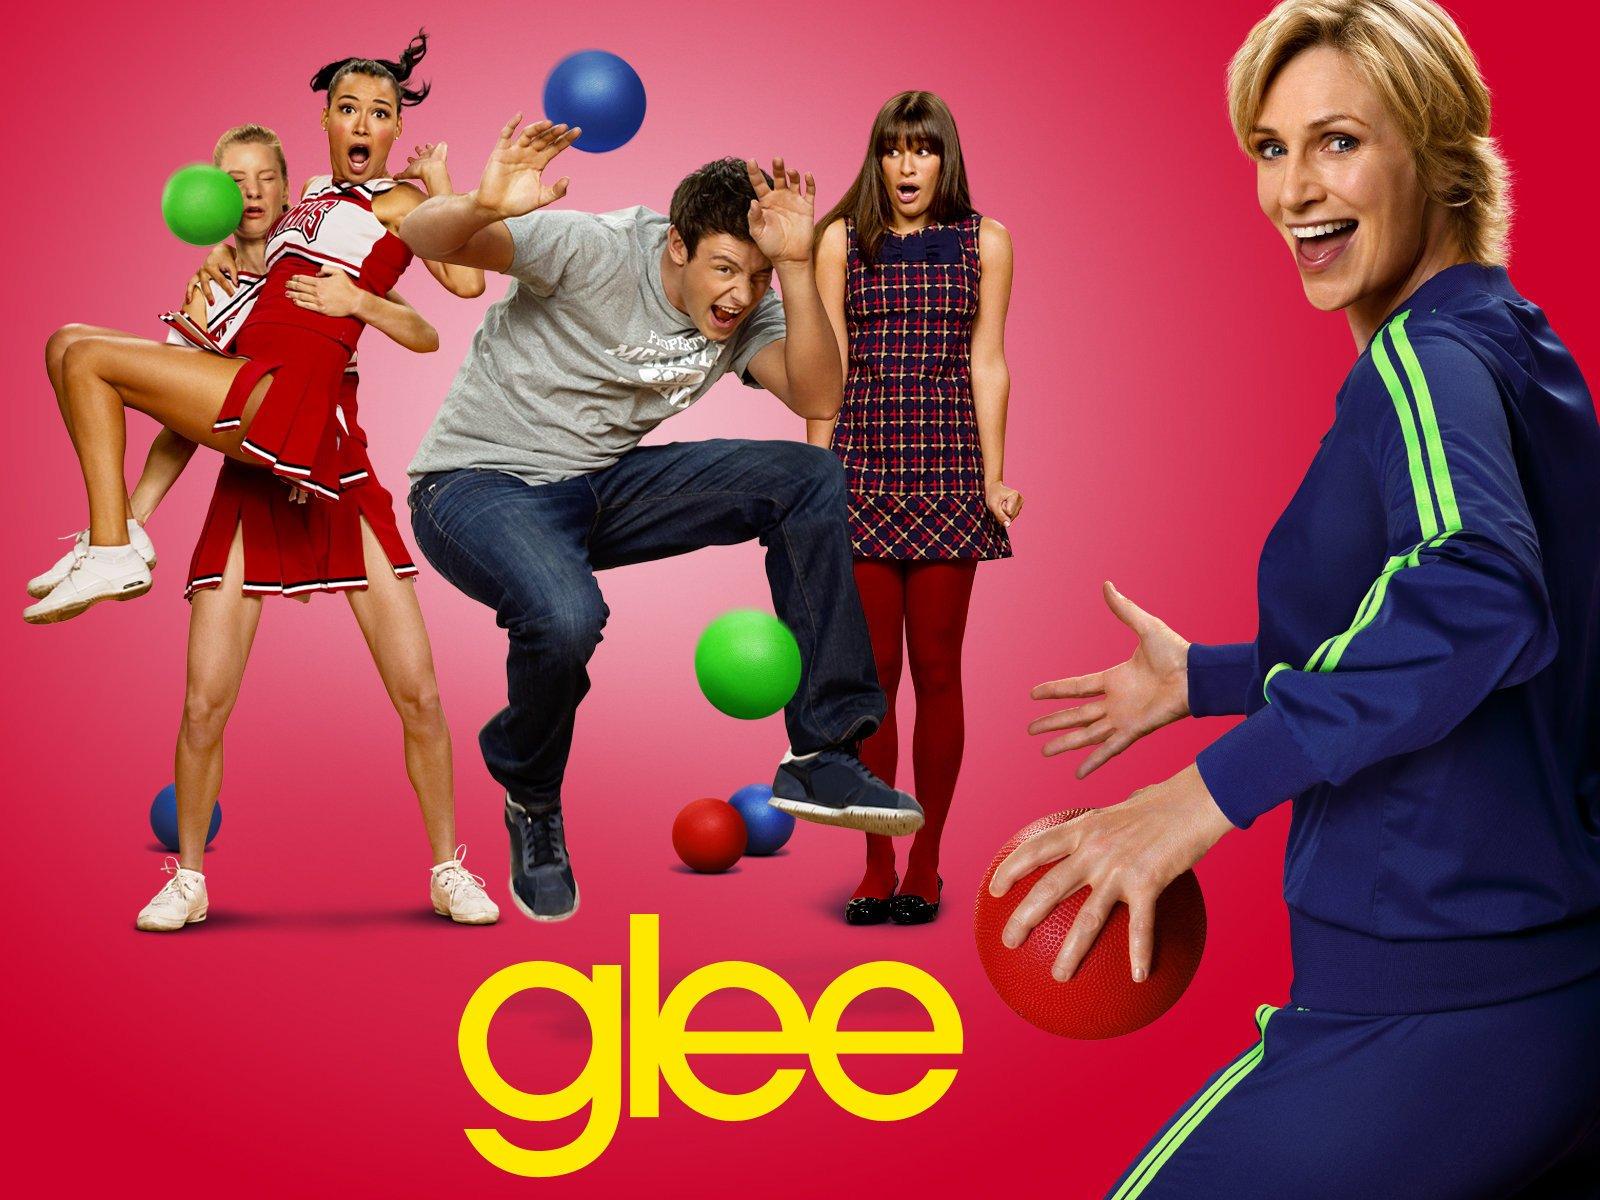 Amazon co uk: Watch Glee - Season 3   Prime Video